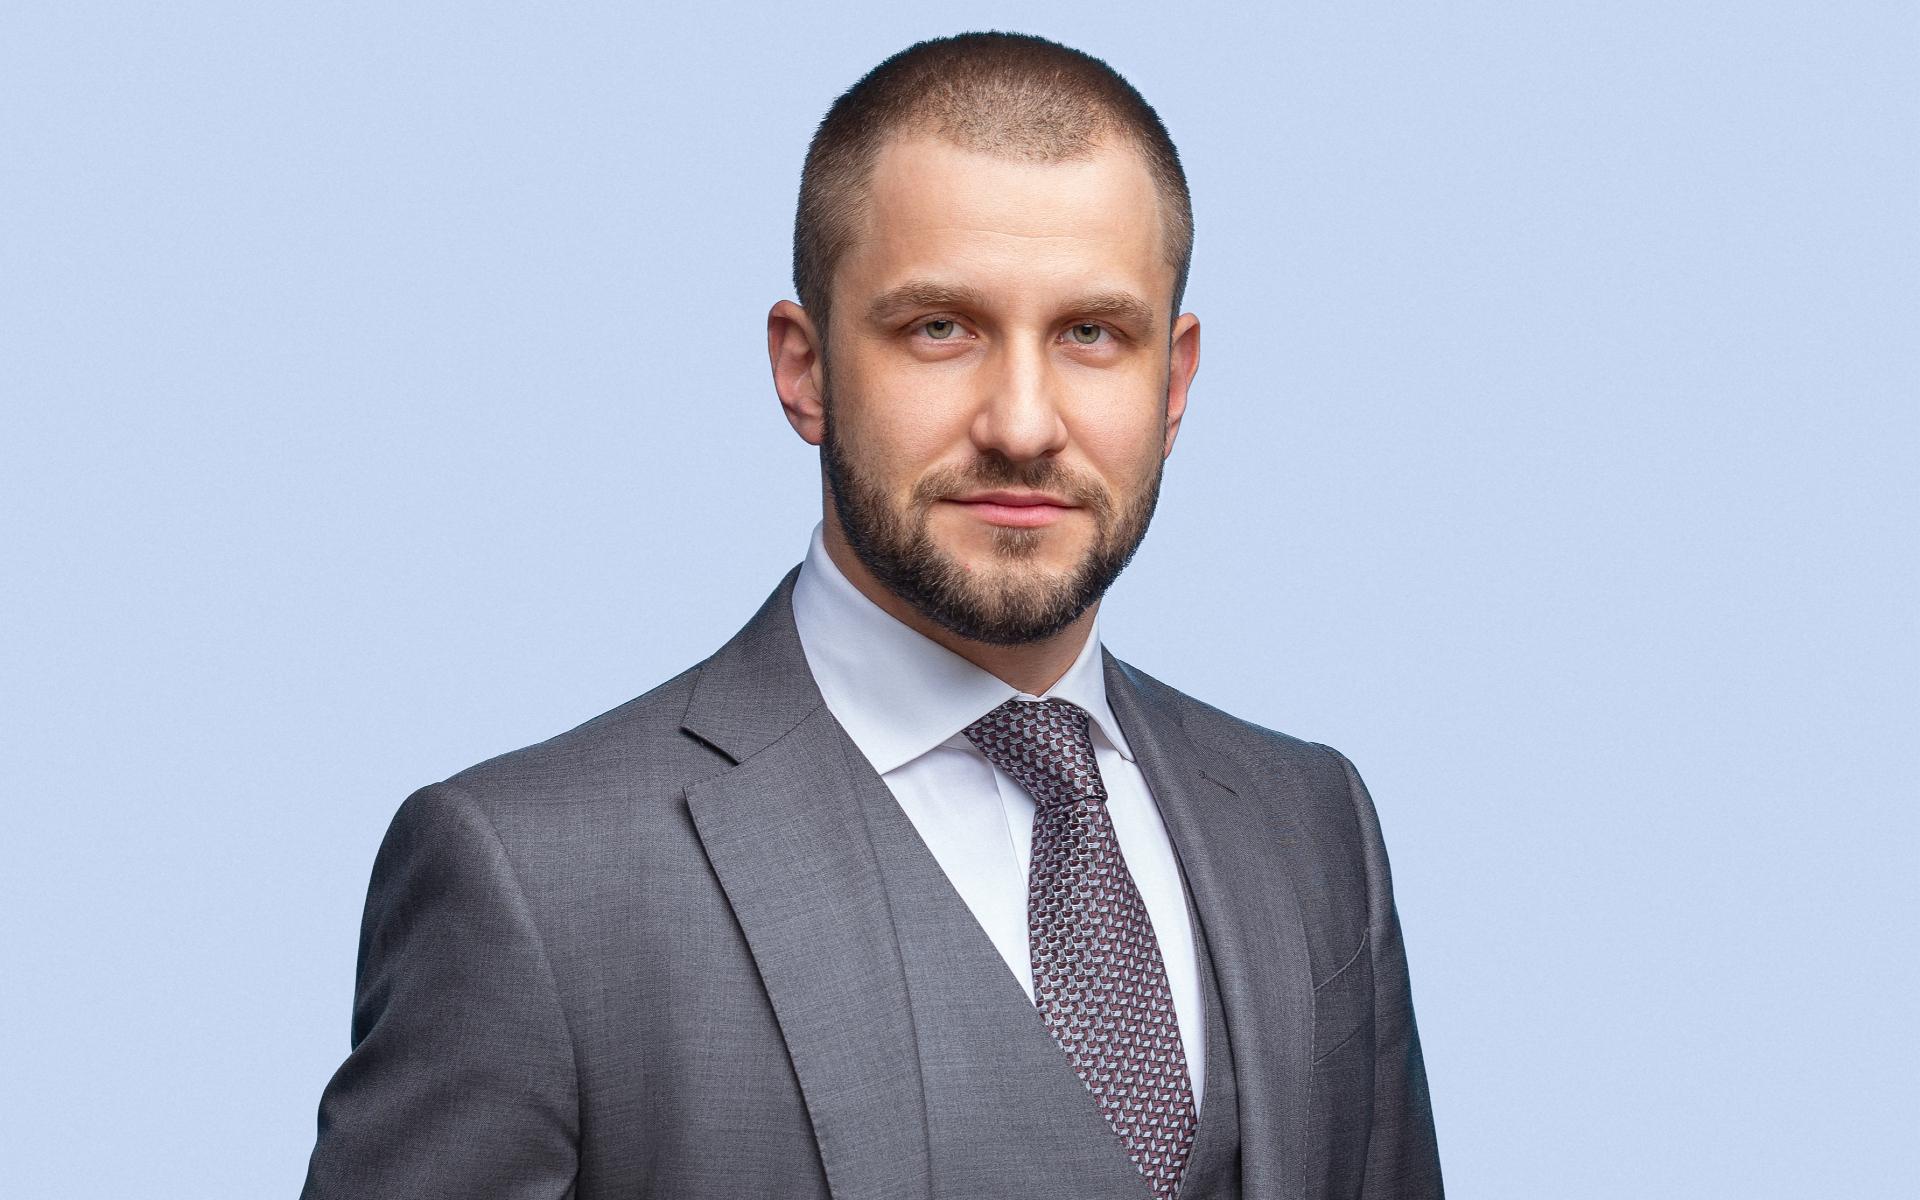 Исполнительный директор Capital Group Михаил Хвесько